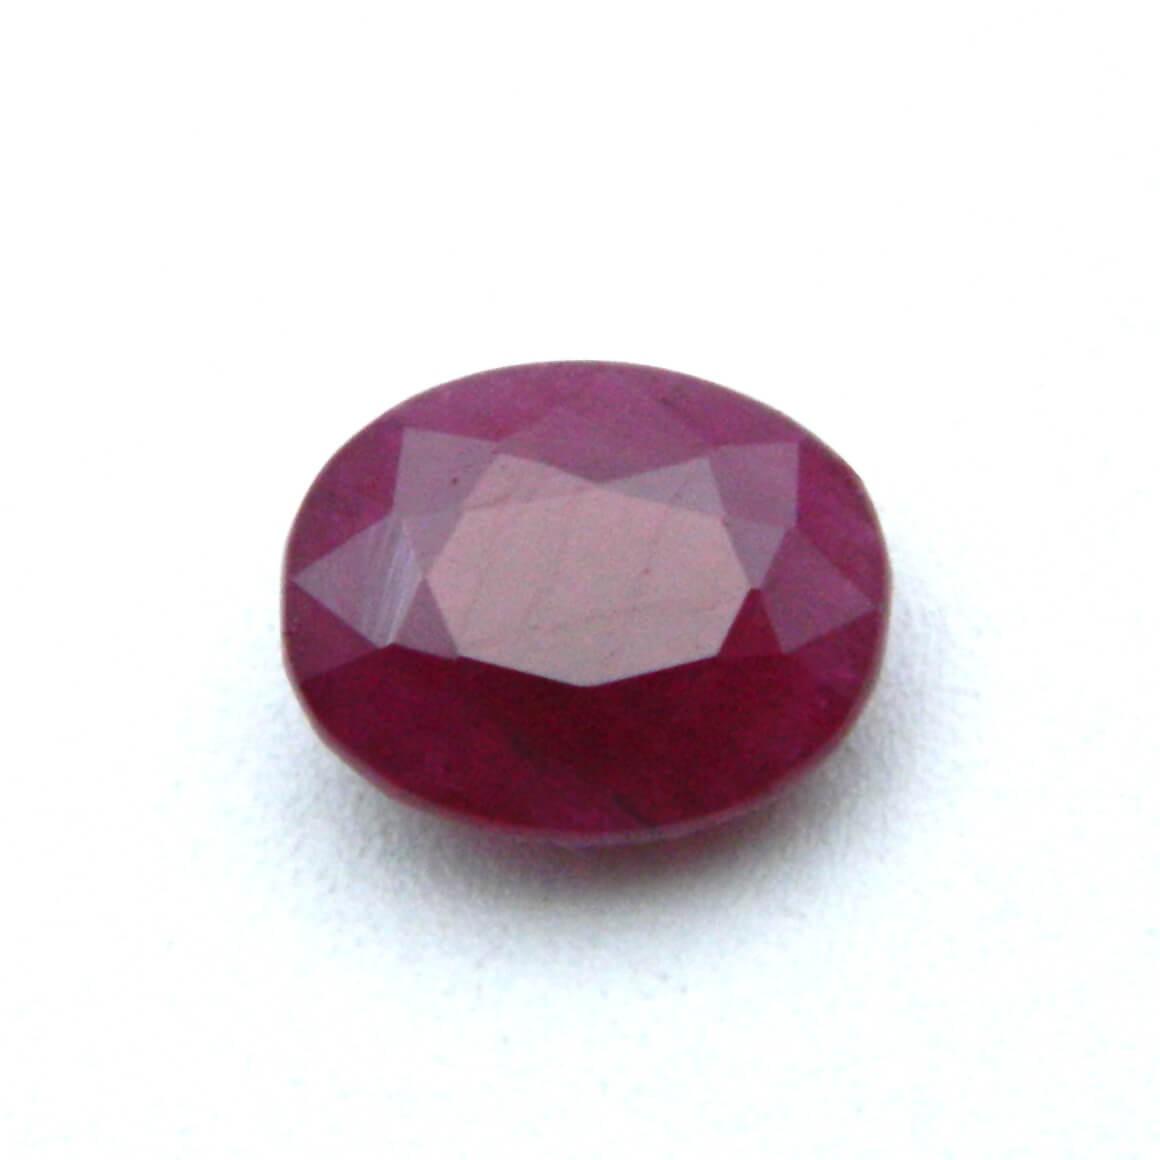 4.48 Carat/ 4.97 Ratti Natural African Ruby (Manik) Gemstone